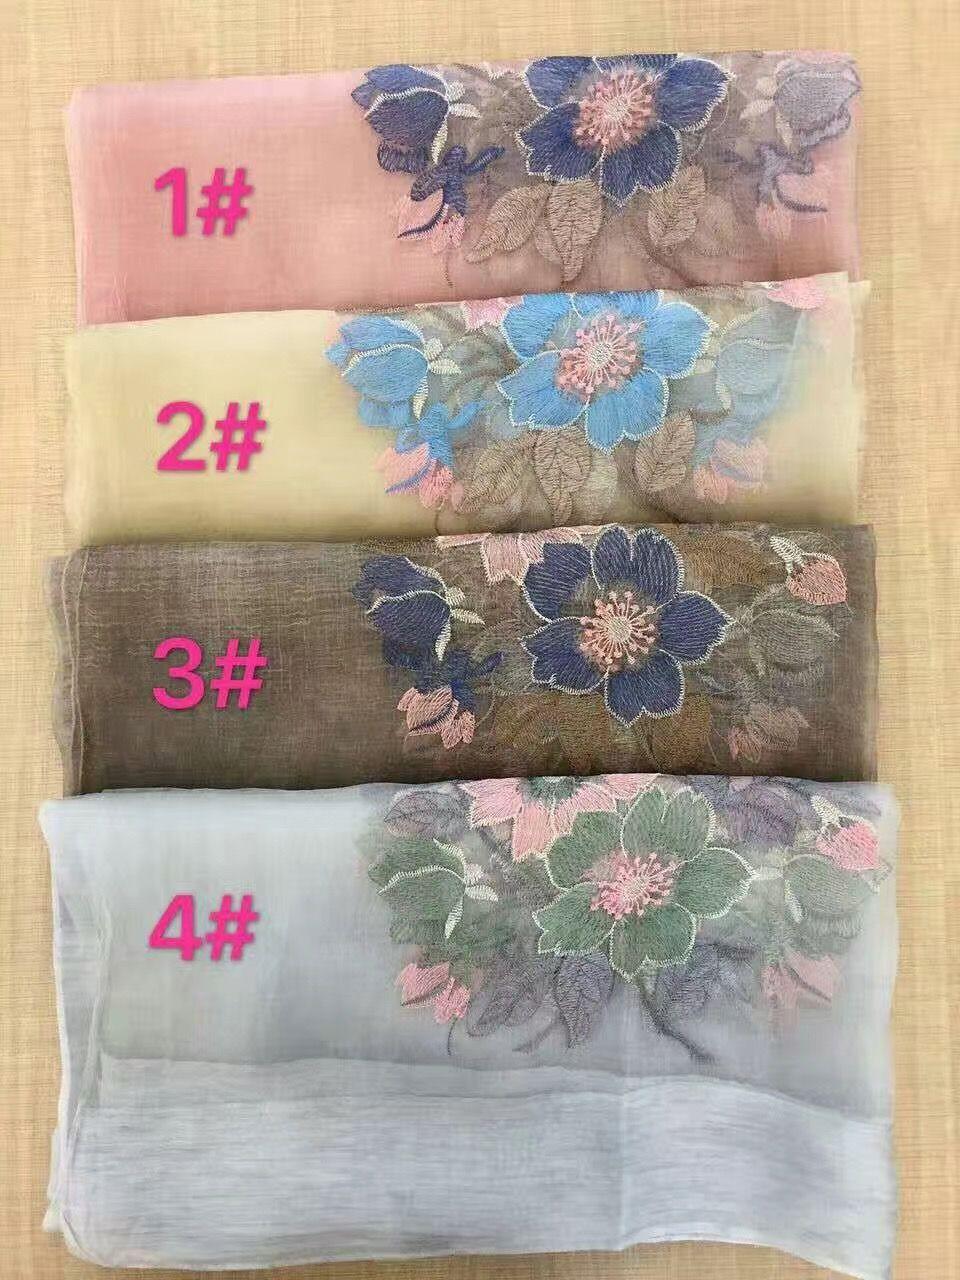 2017 neue silk wolle floral Stickerei Schal Schal Wrap 4 Farben gemischt 5pcs / lot # 4020